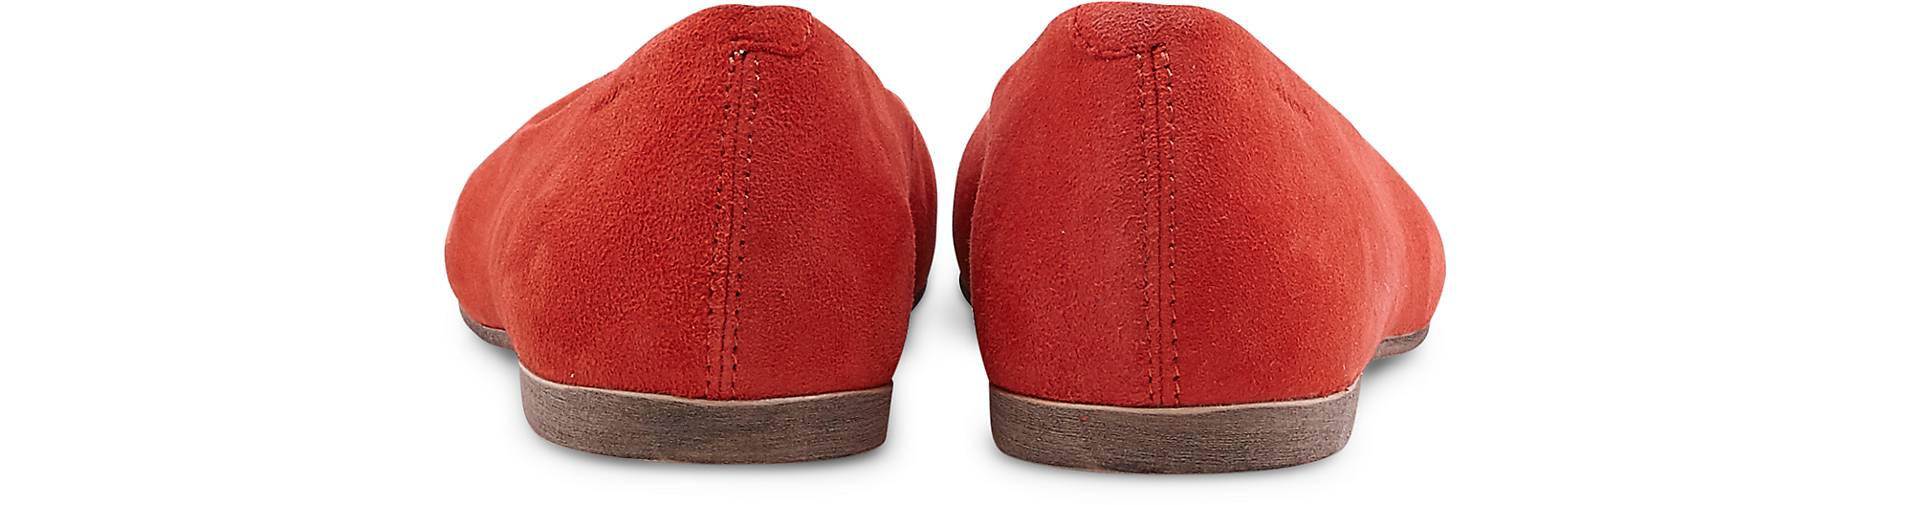 Vagabond Ballerina AYDEN in | koralle kaufen - 47308101 | in GÖRTZ Gute Qualität beliebte Schuhe 396c77